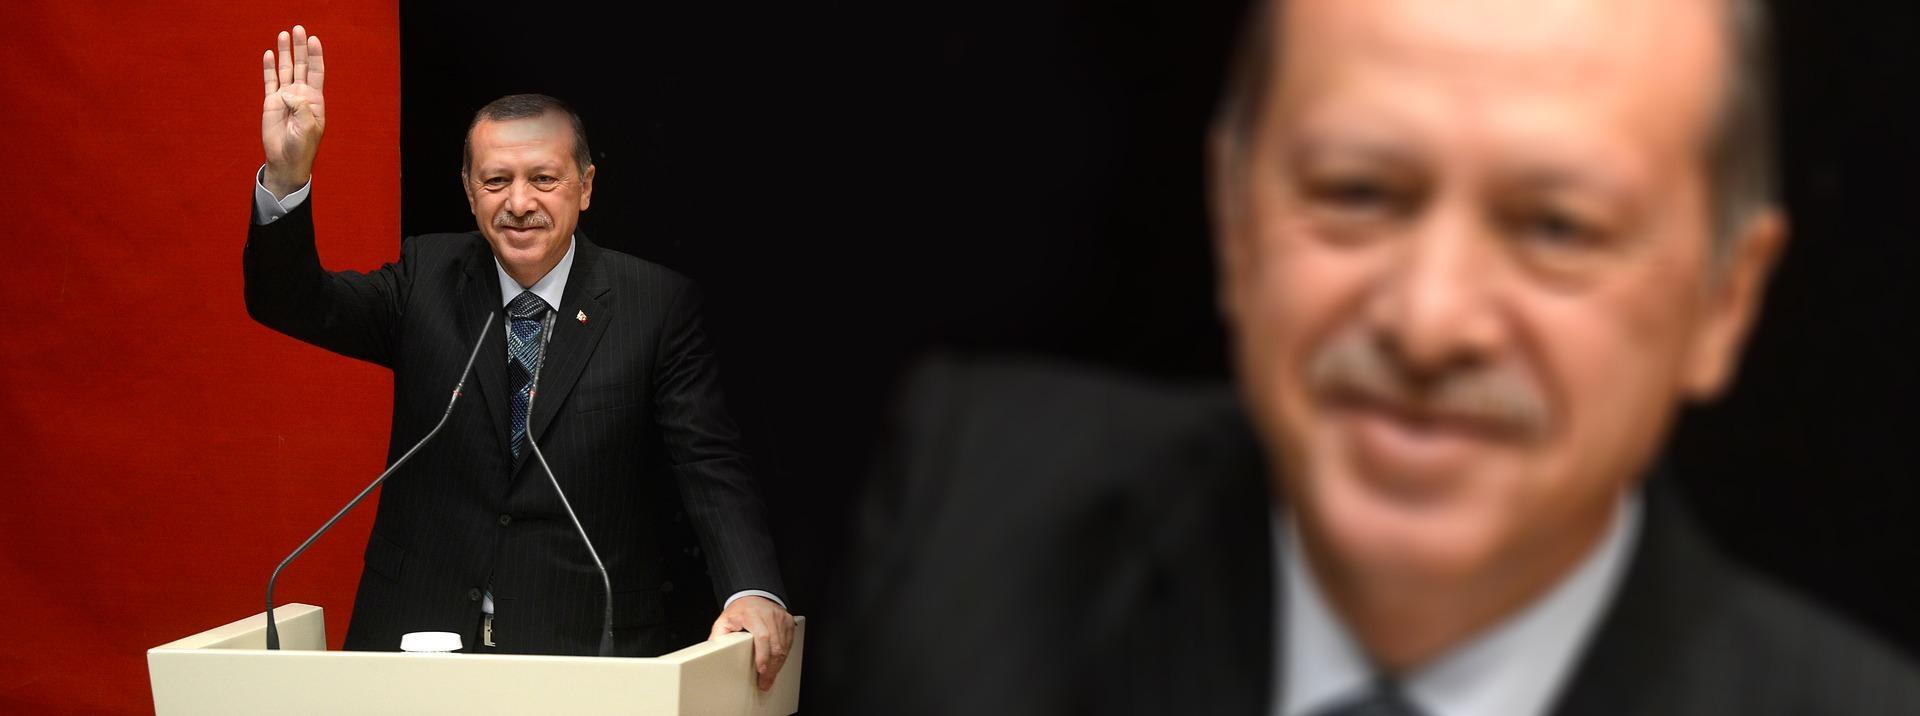 Turkish President Erdoğan. Illustrative.